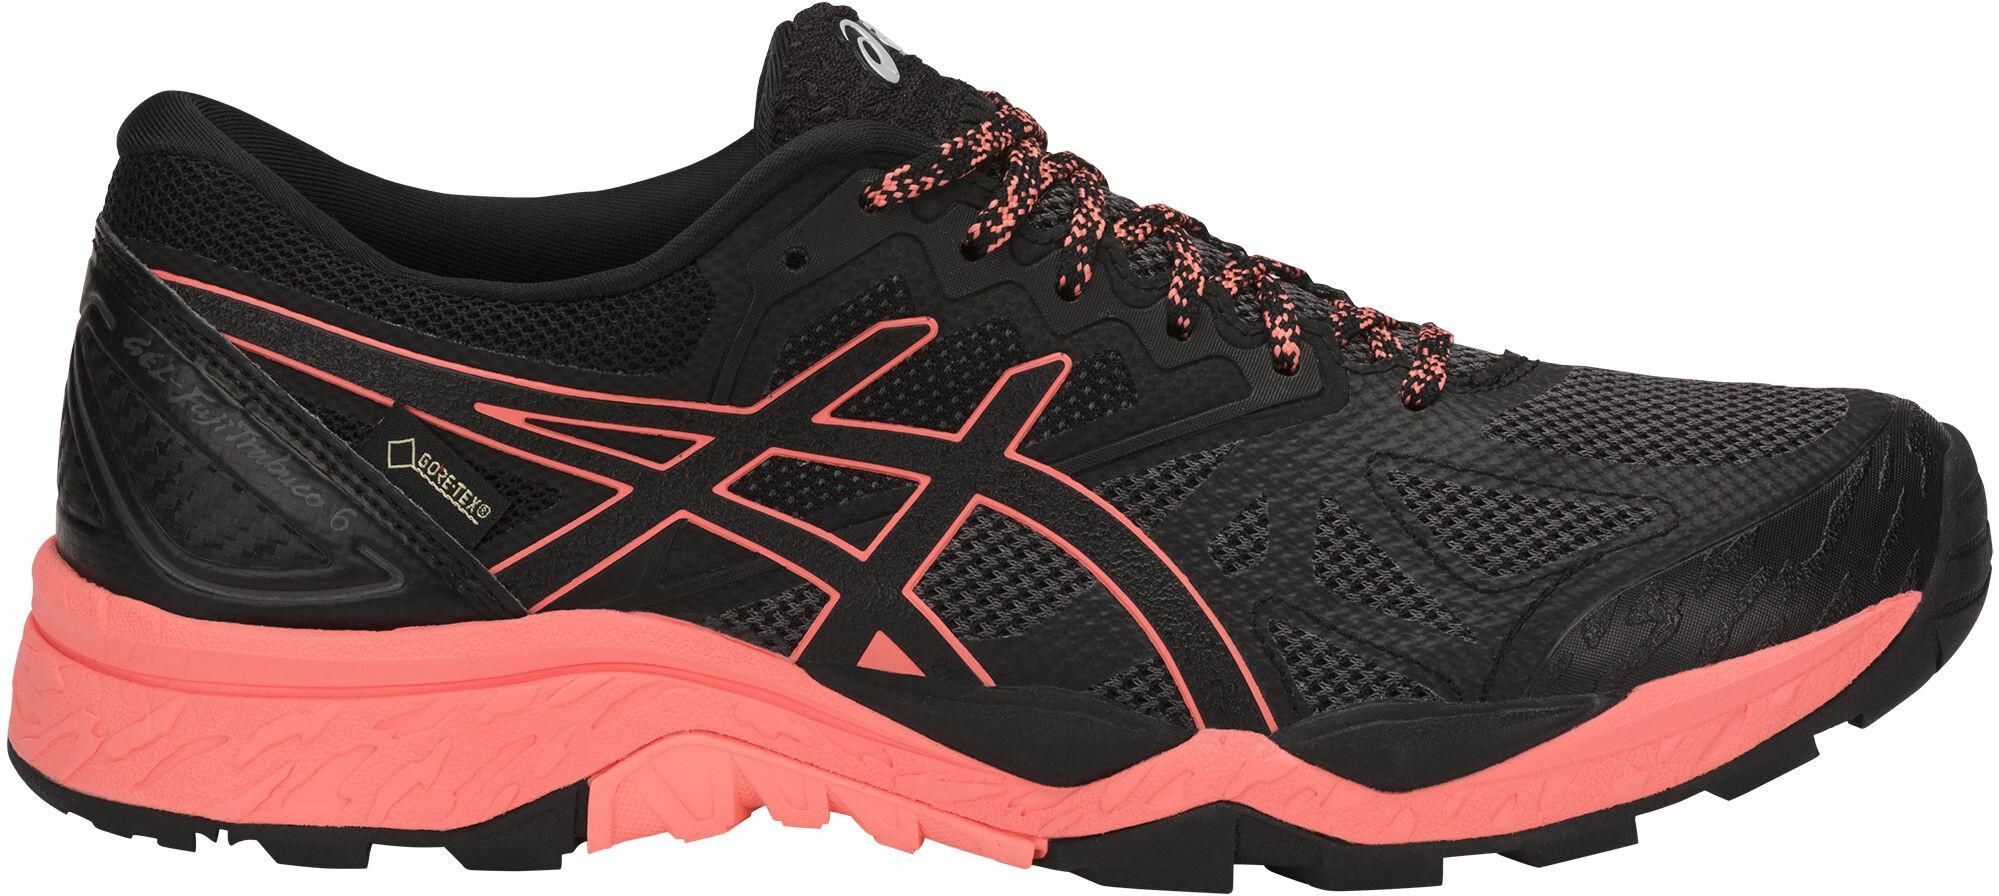 asics Gel-Fujitrabuco 6 G-TX - Zapatillas running Mujer - rojo ... da8a86626c5b8